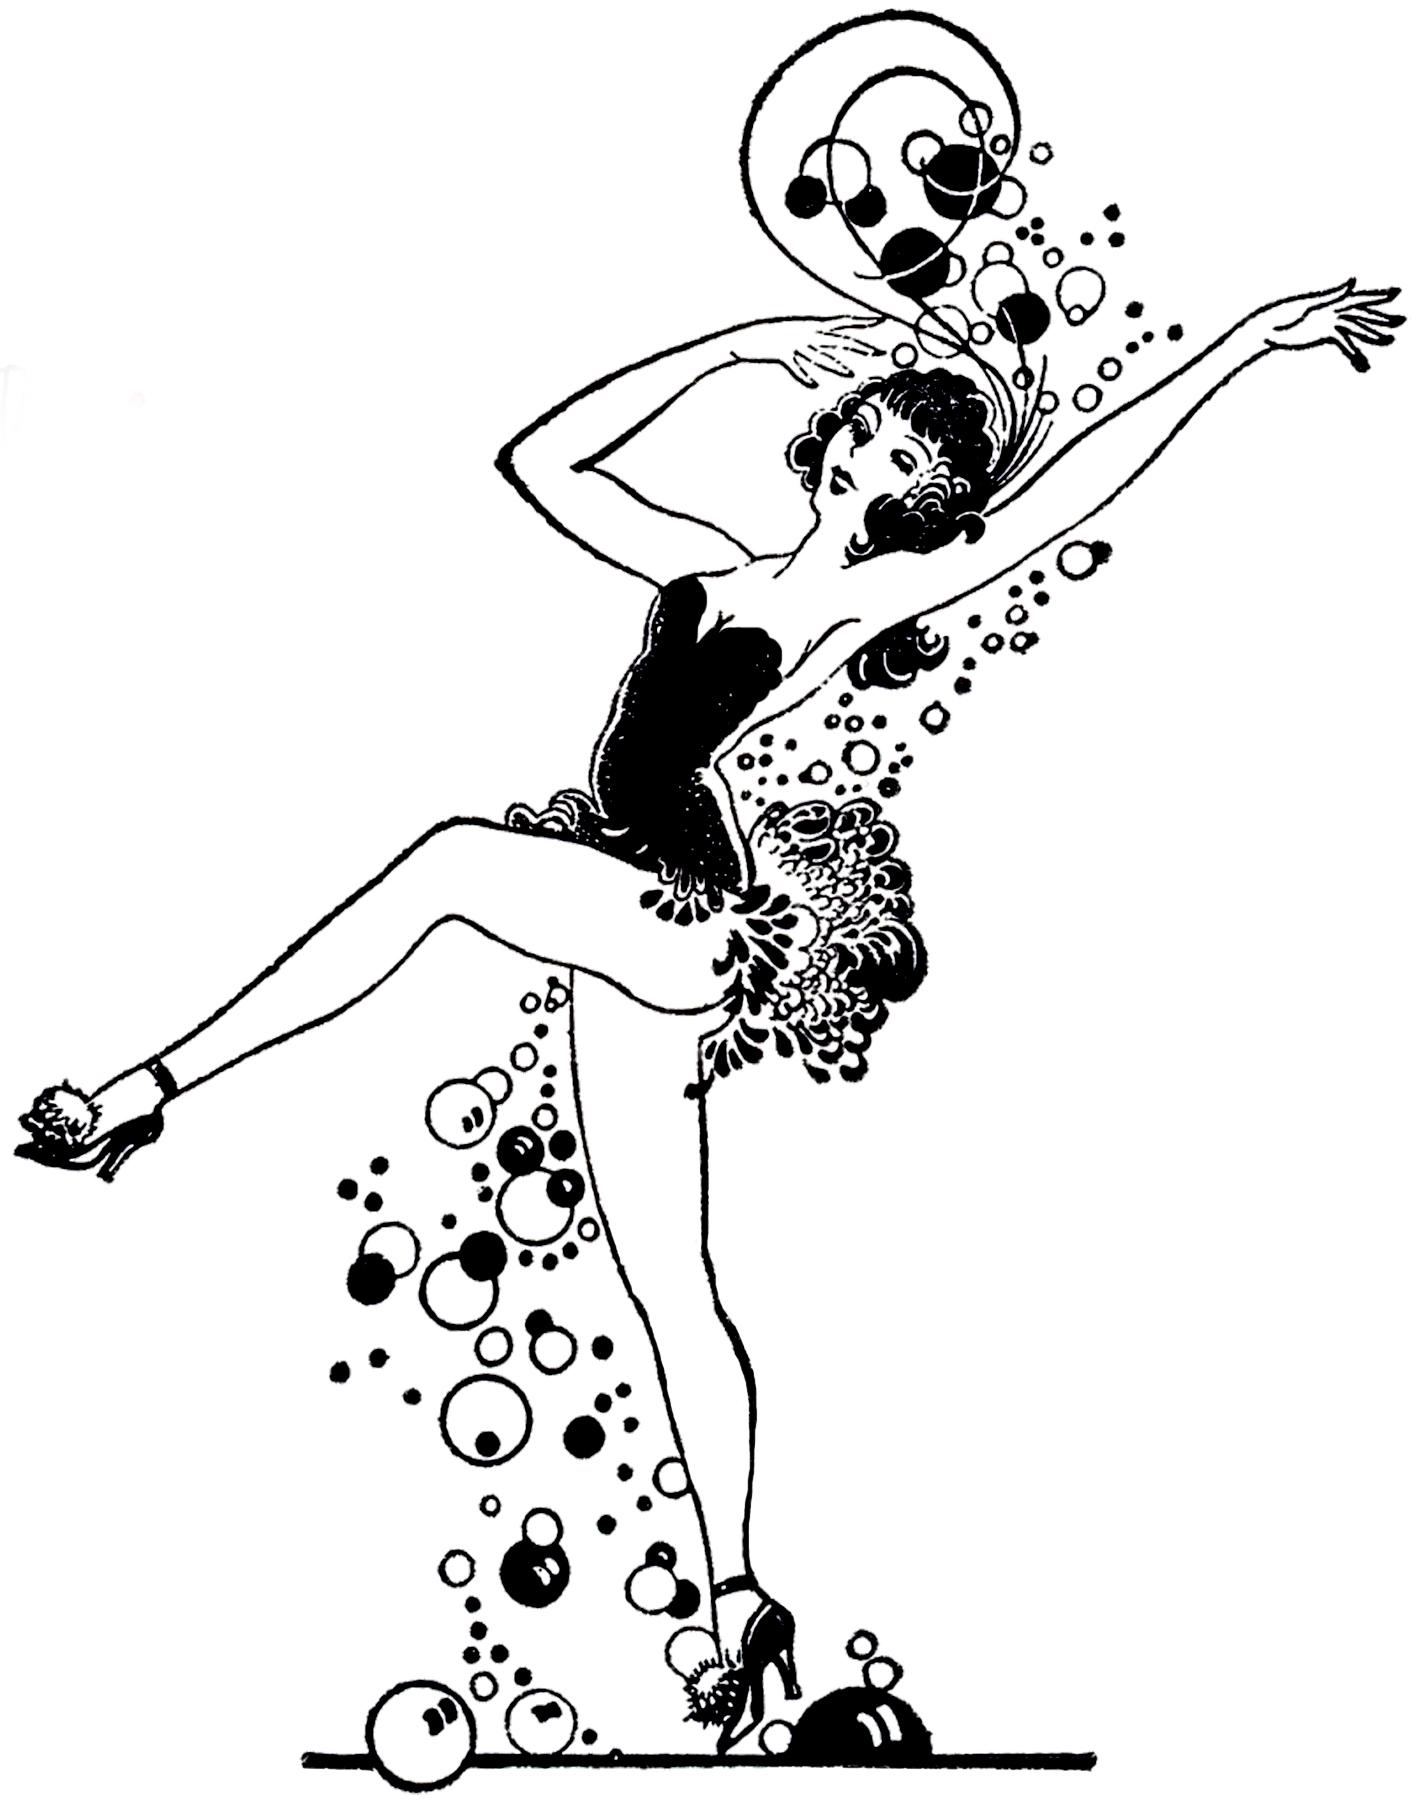 Retro Bubble Dancer Image